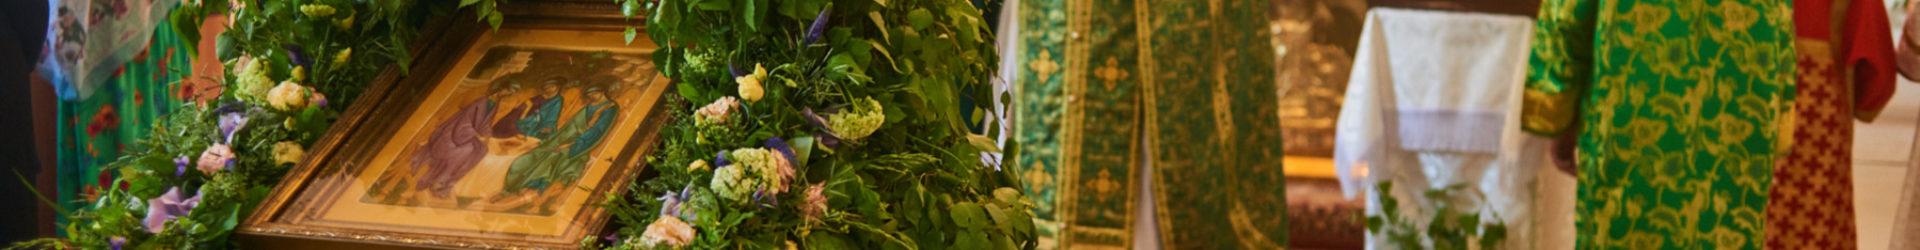 Приход Димитрия Донского Иркутской епархии Иркутской митрополии